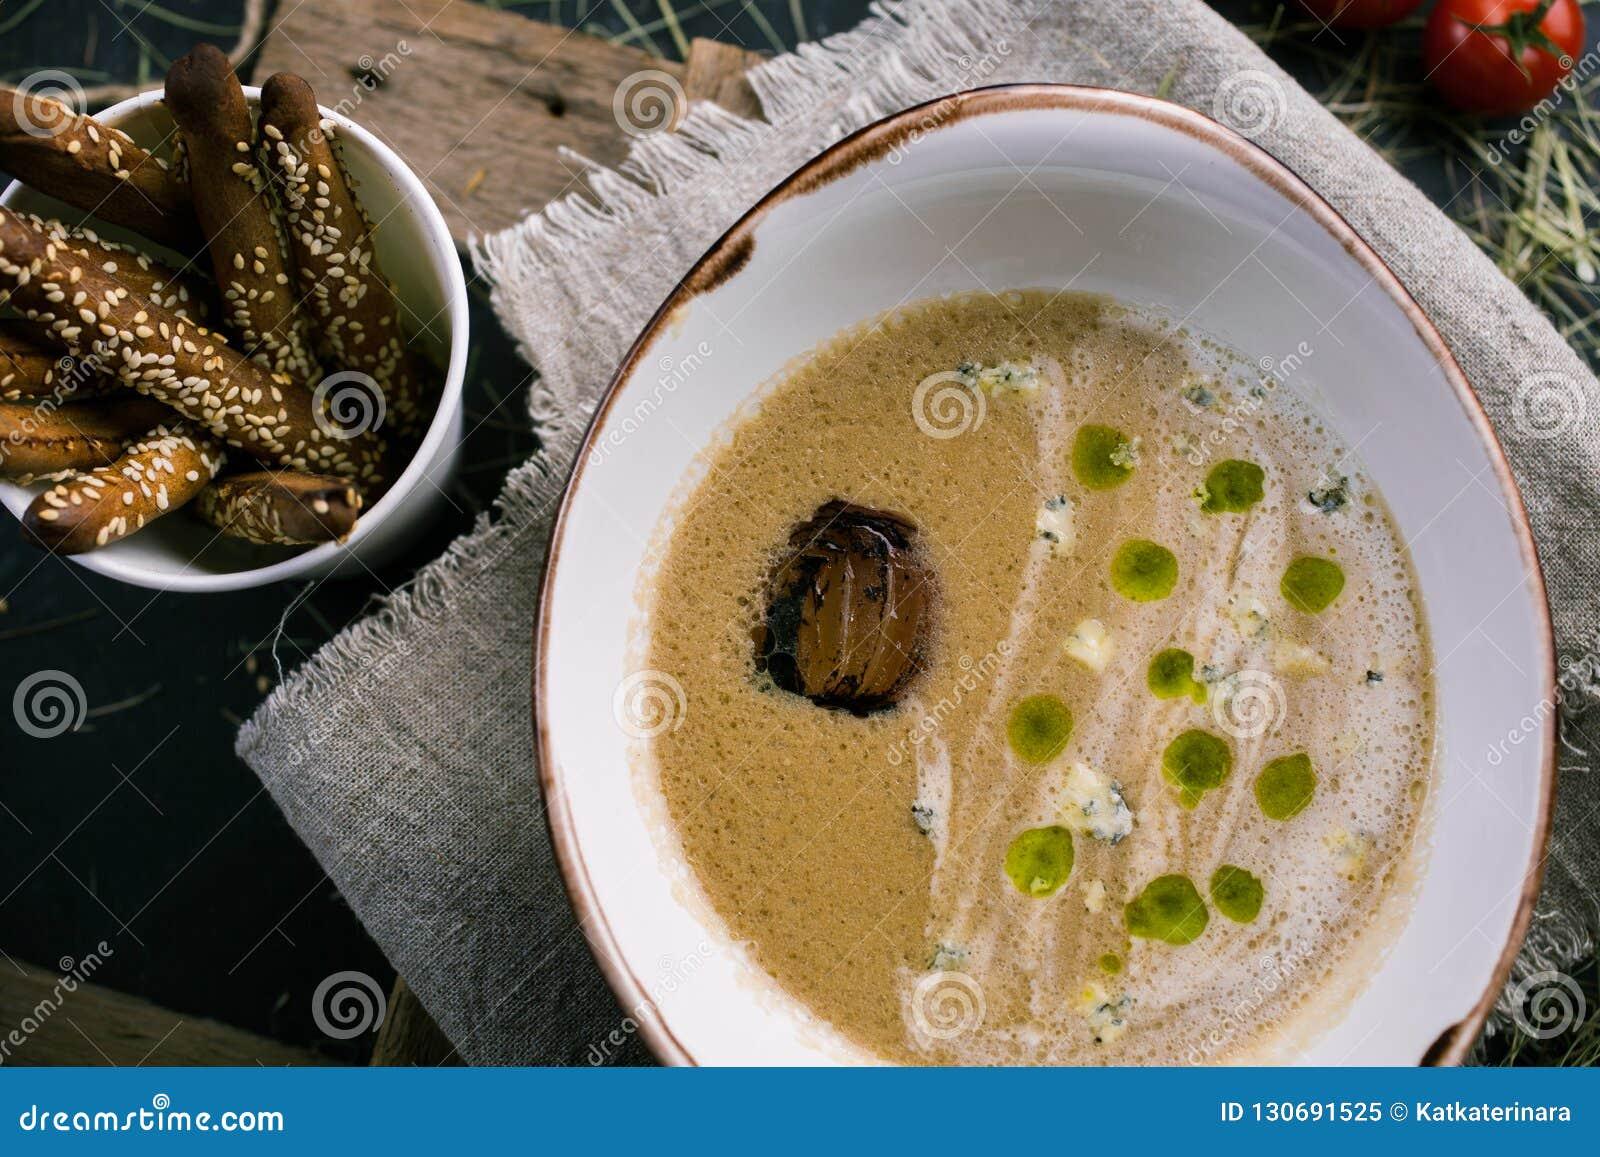 Sopa de verduras con queso verde y breadsticks